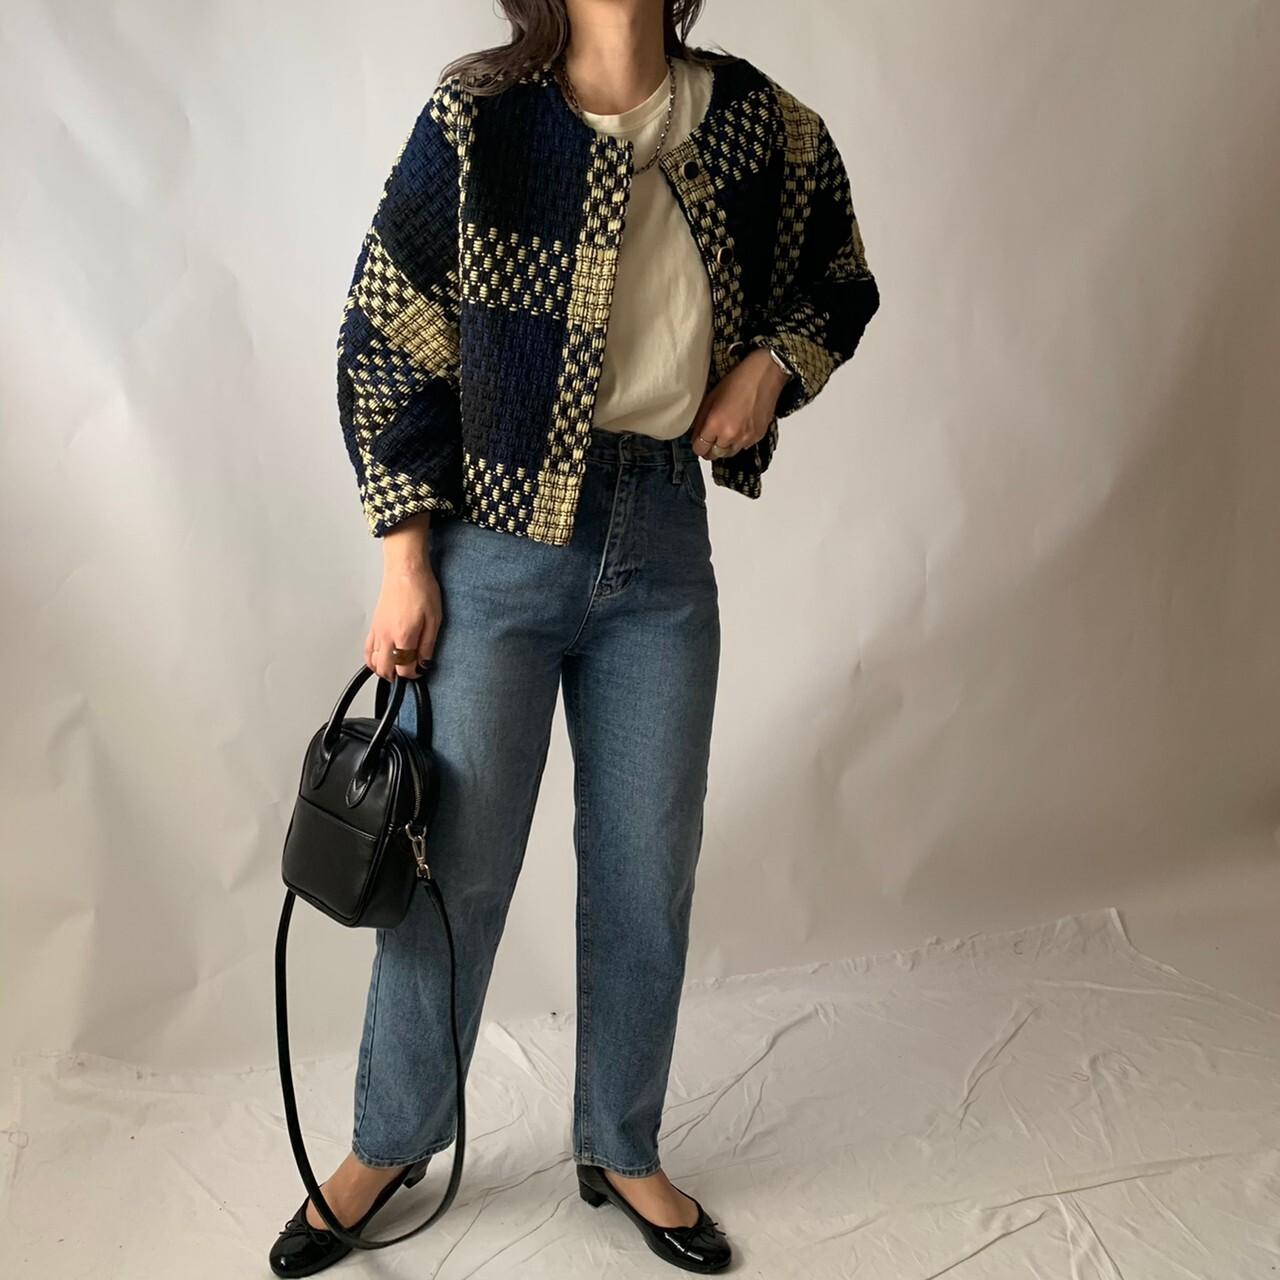 【asyu】tweed jacket